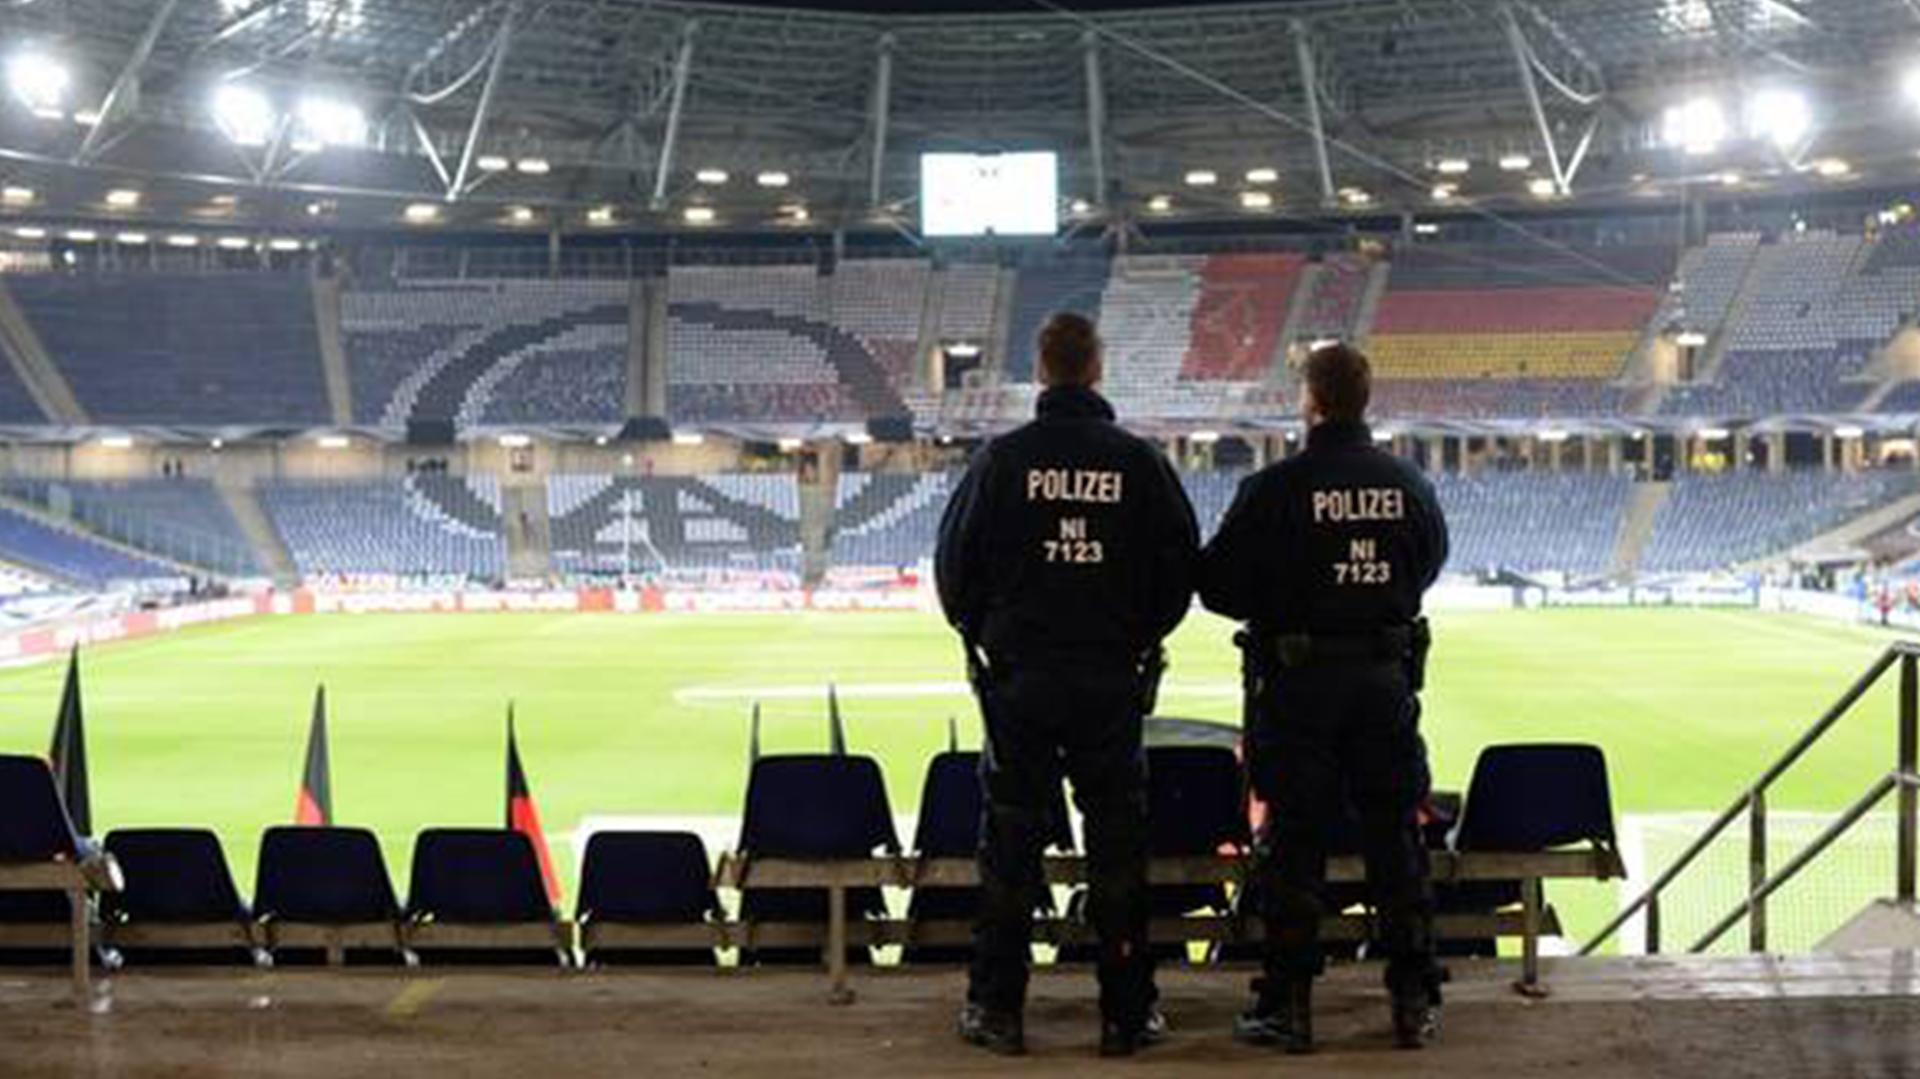 Seguridad en Estadios y Centros de Espectáculo DOCUMENTOP.COM